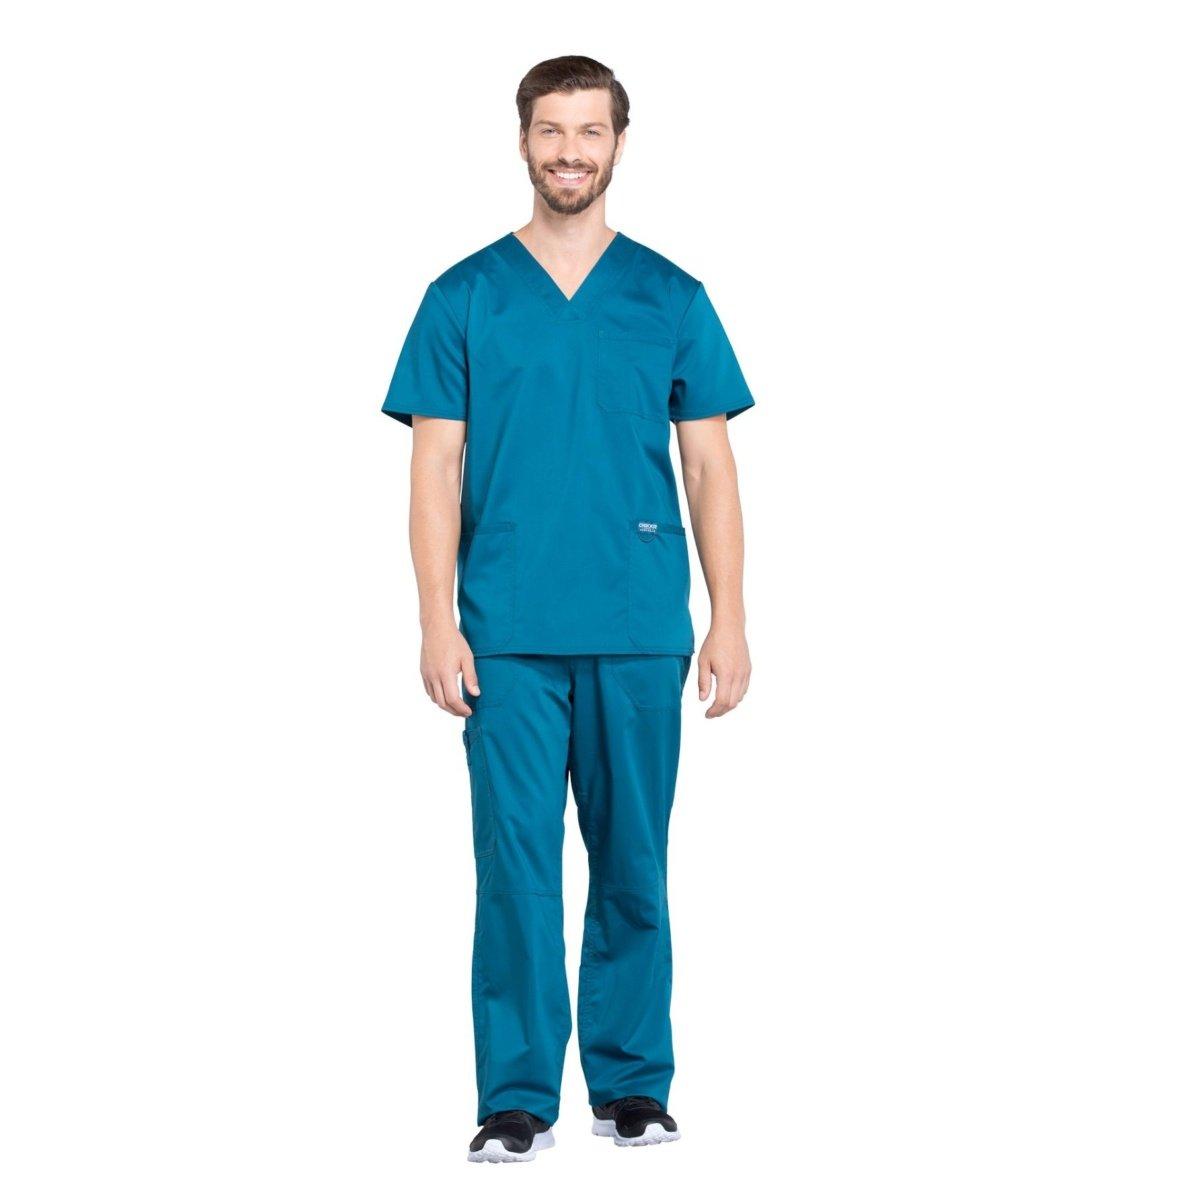 Мужской медицинский костюм Revolution цвет морская волна